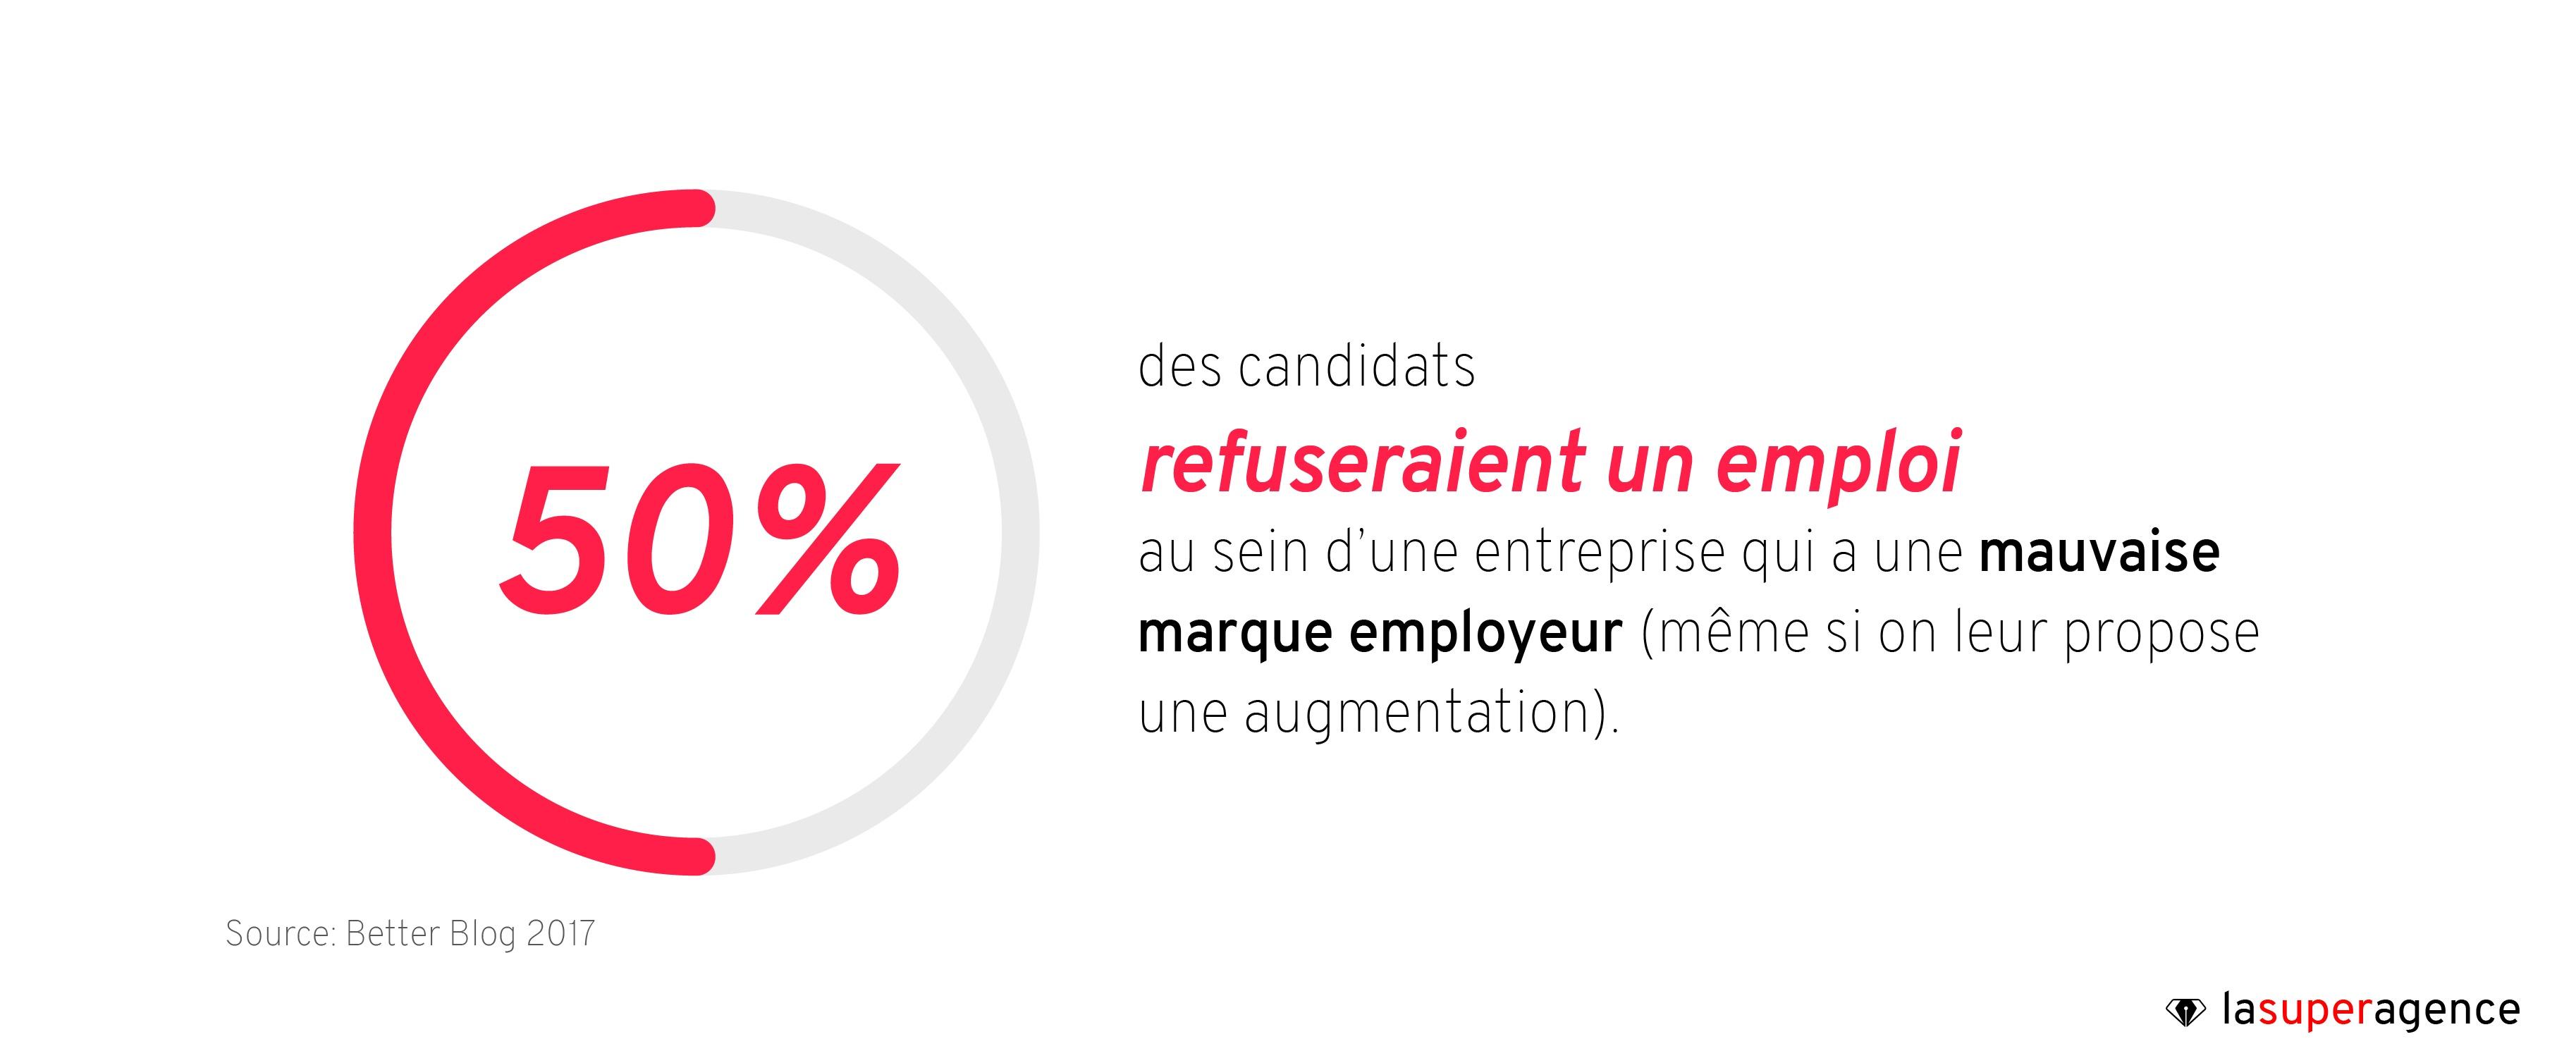 50% des candidats refuseraient un emploi au sein d'une entreprise qui a une mauvaise marque employeur